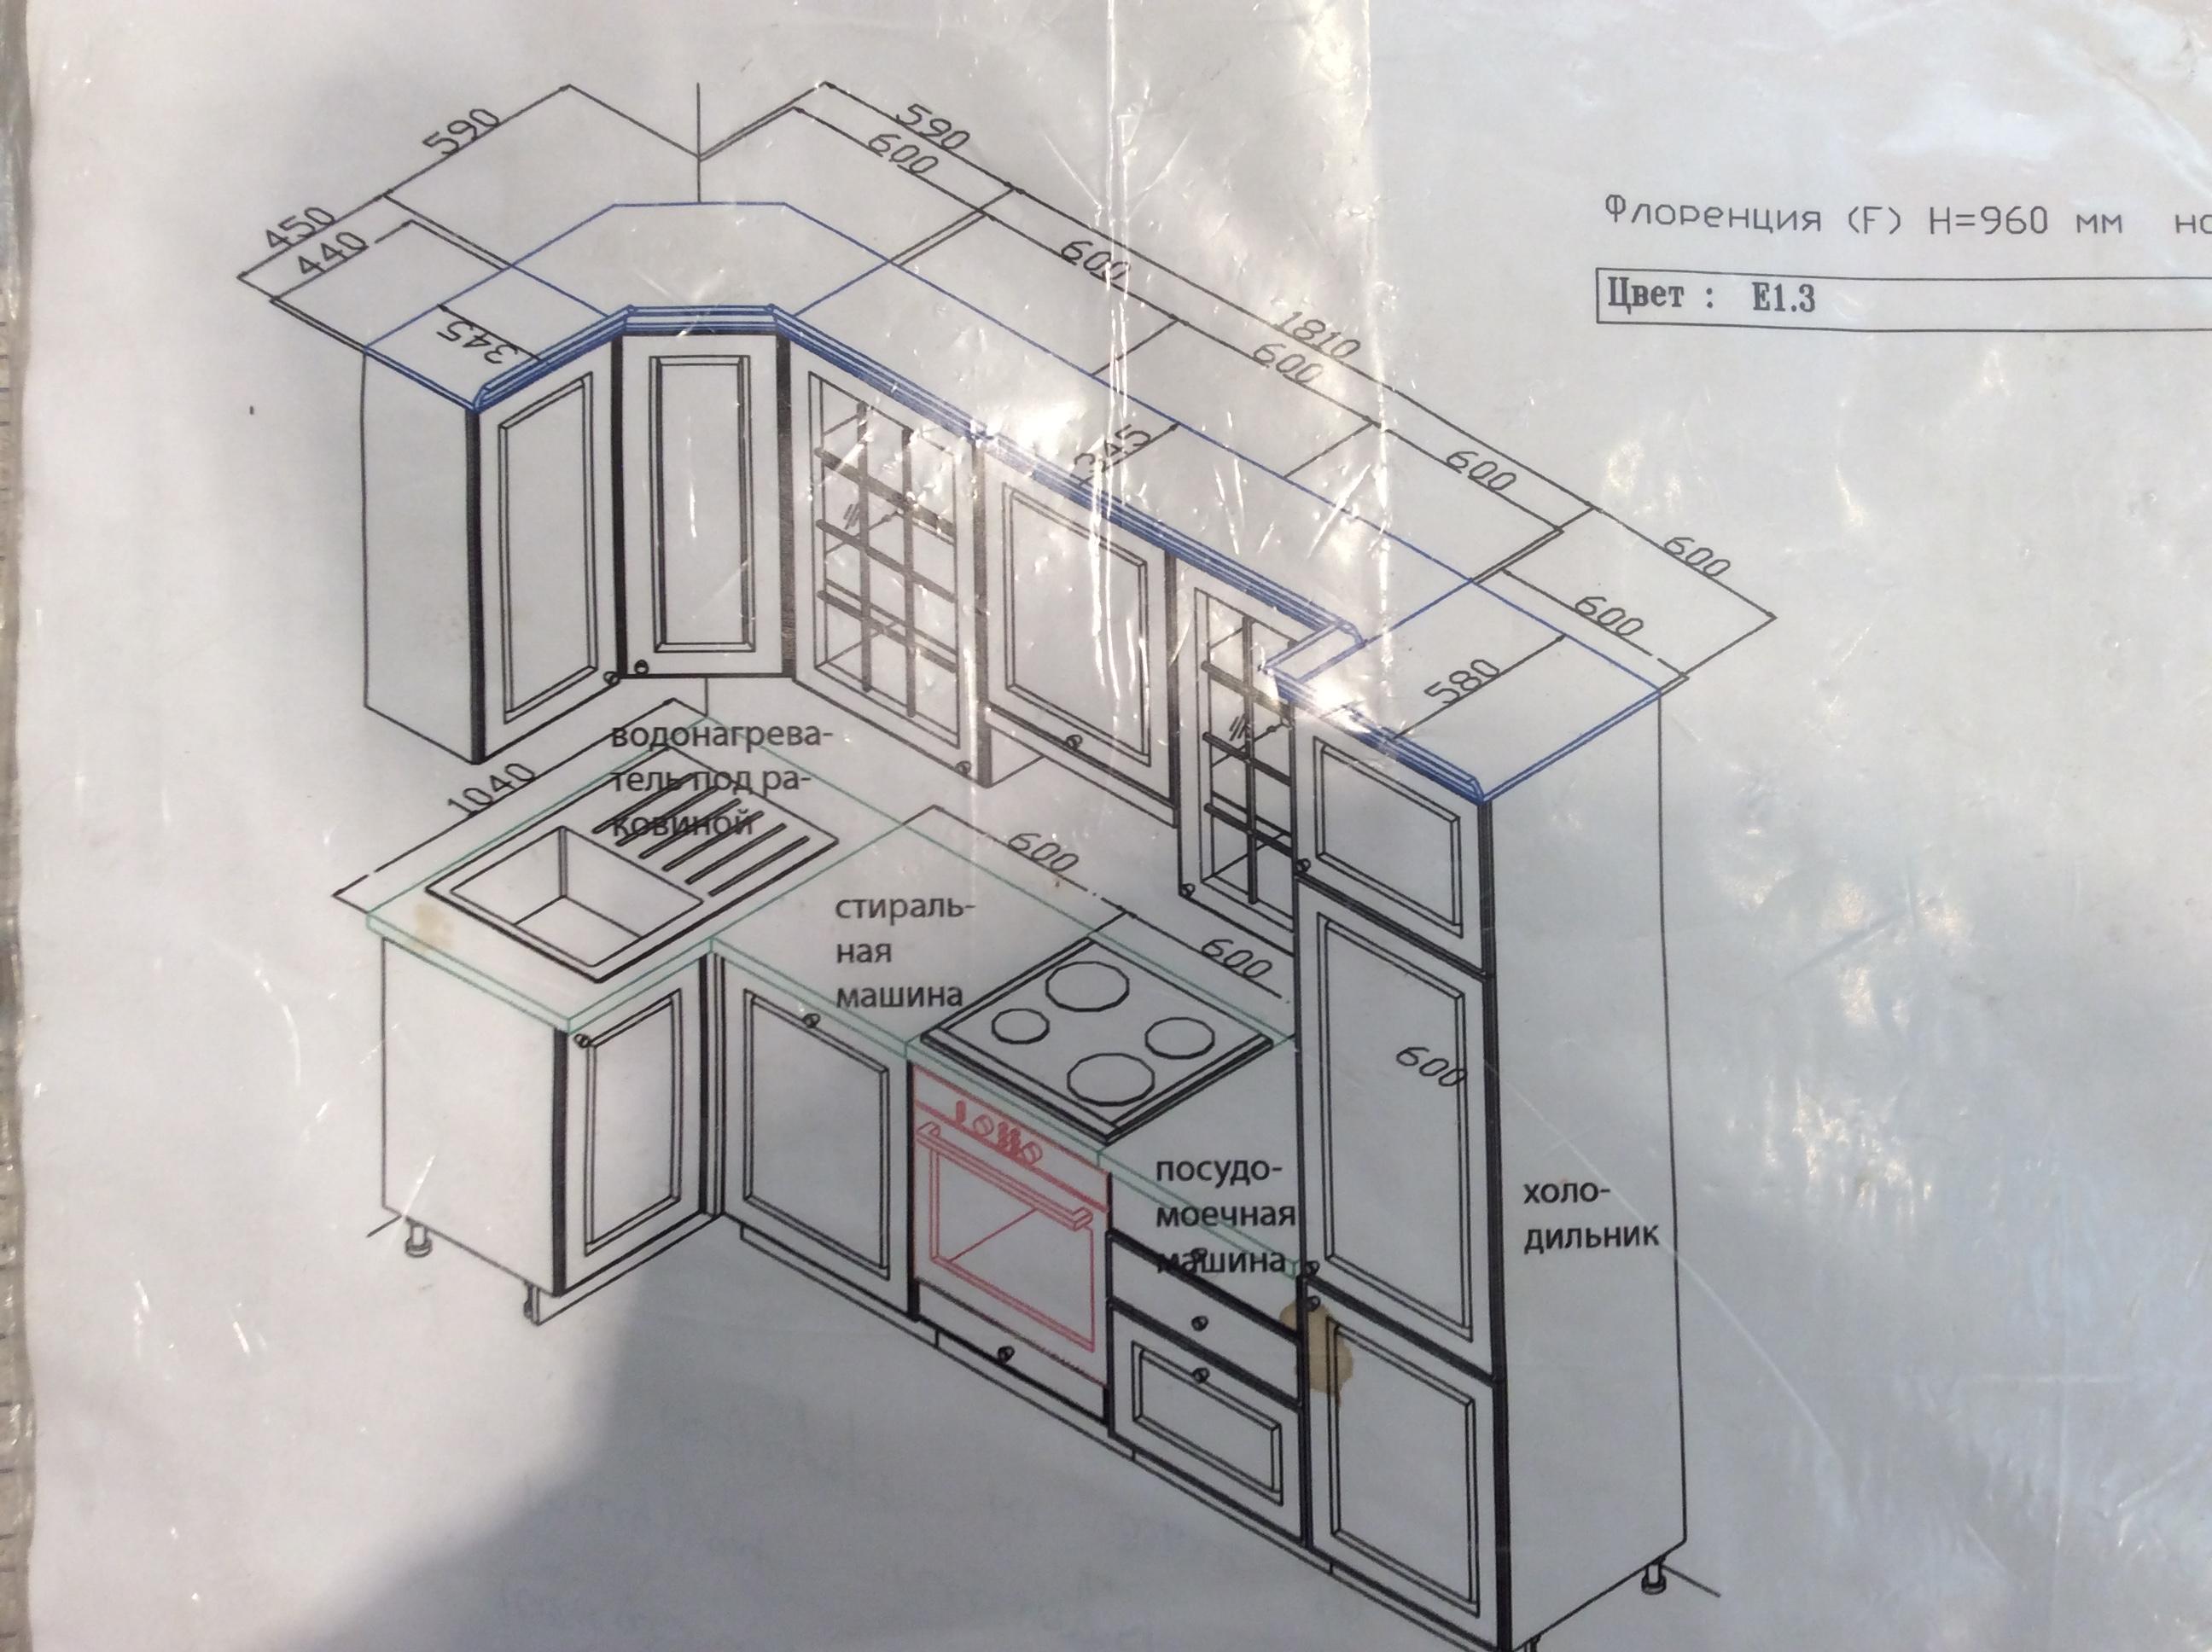 Сборка кухонь зов своими руками - BelnurOpt.ru